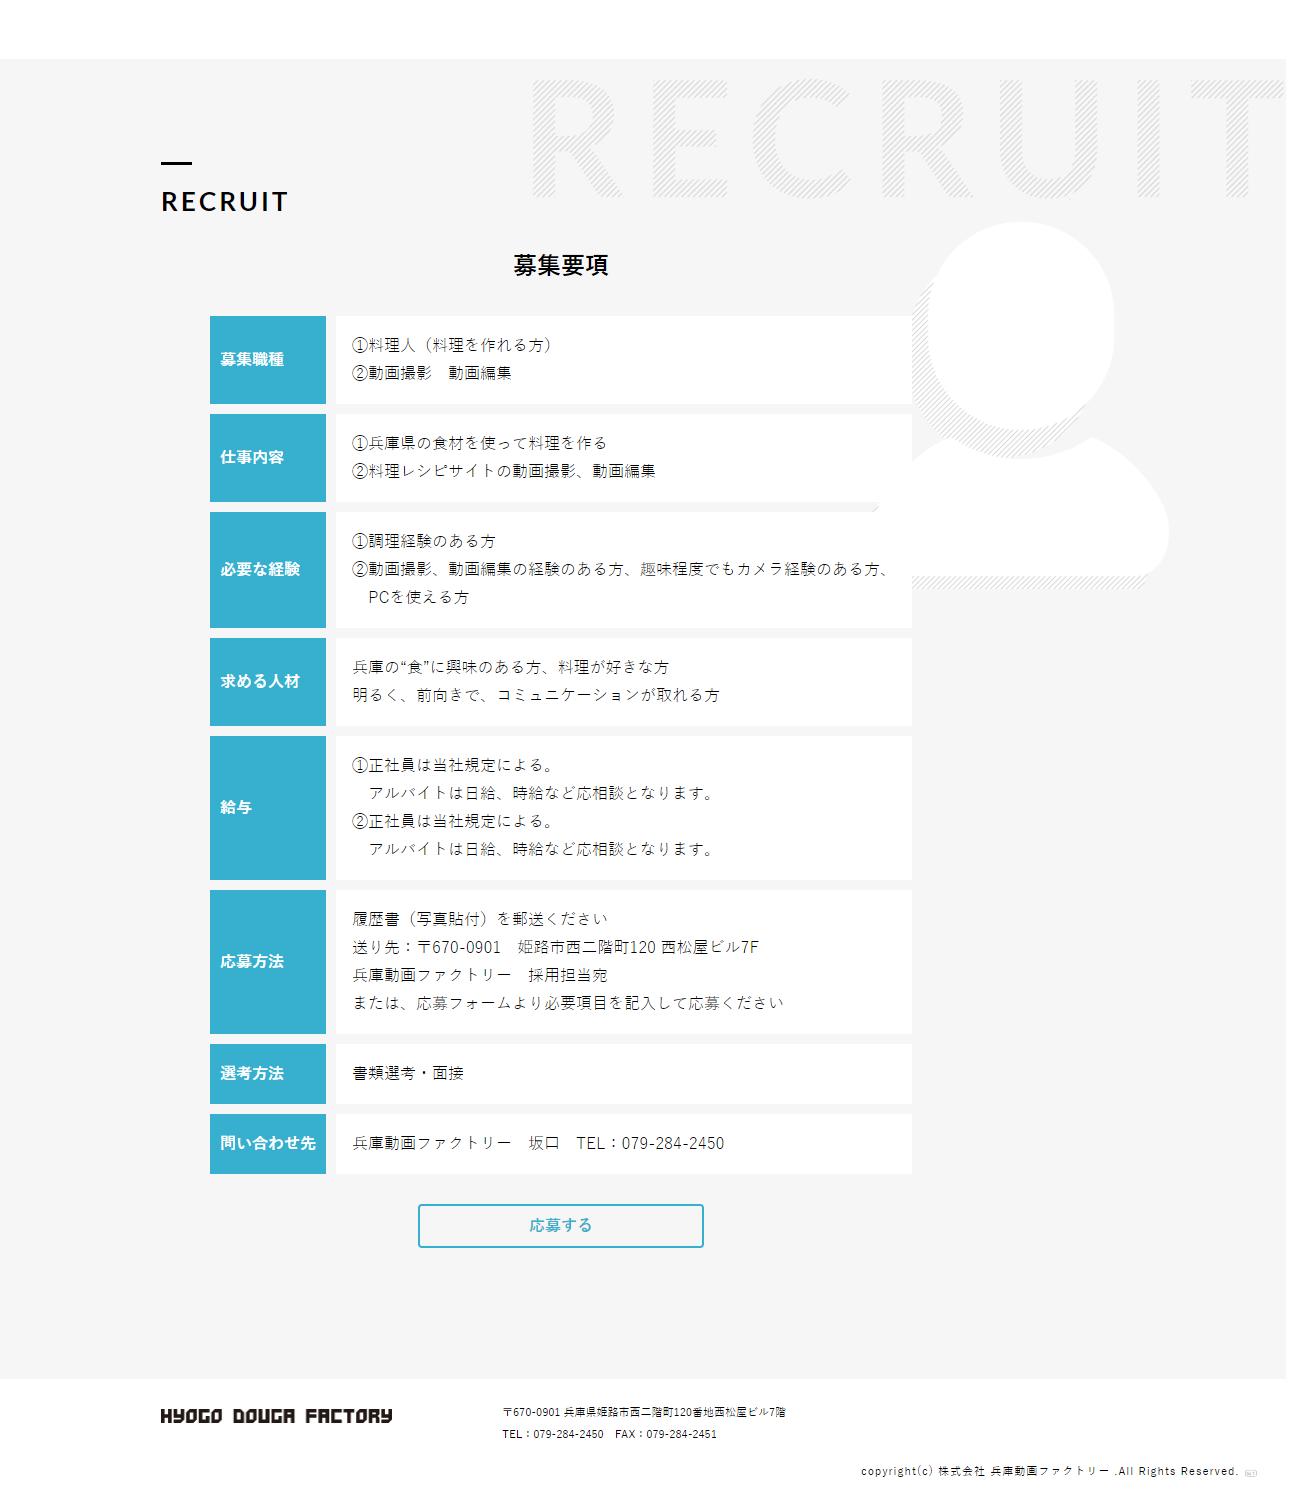 姫路市 株式会社兵庫動画ファクトリー ホームページ制作2